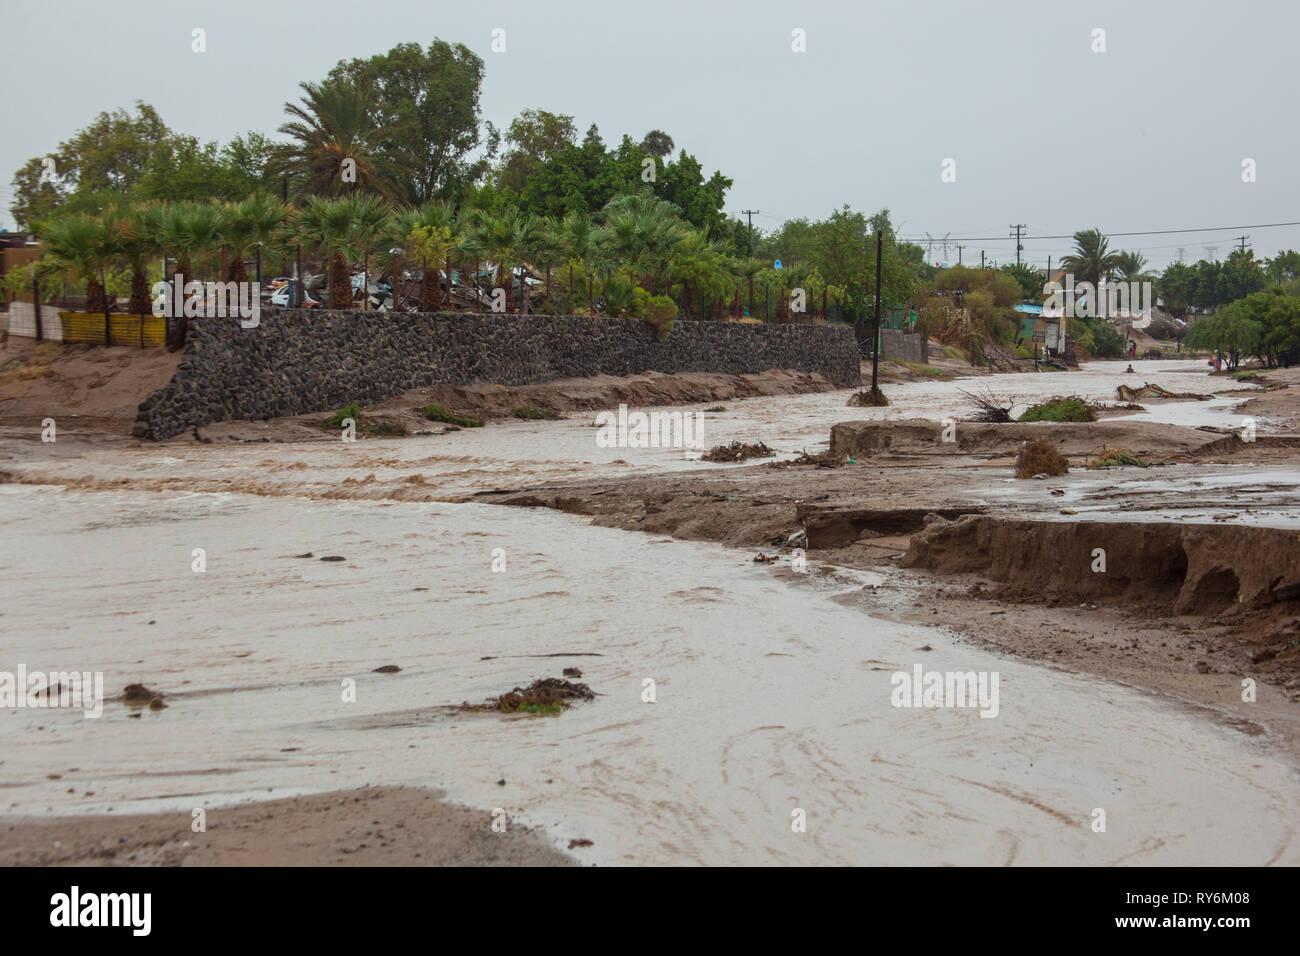 Puerto Libertad, MPO. Pitiquito, Sonora, Messico Immagini Stock